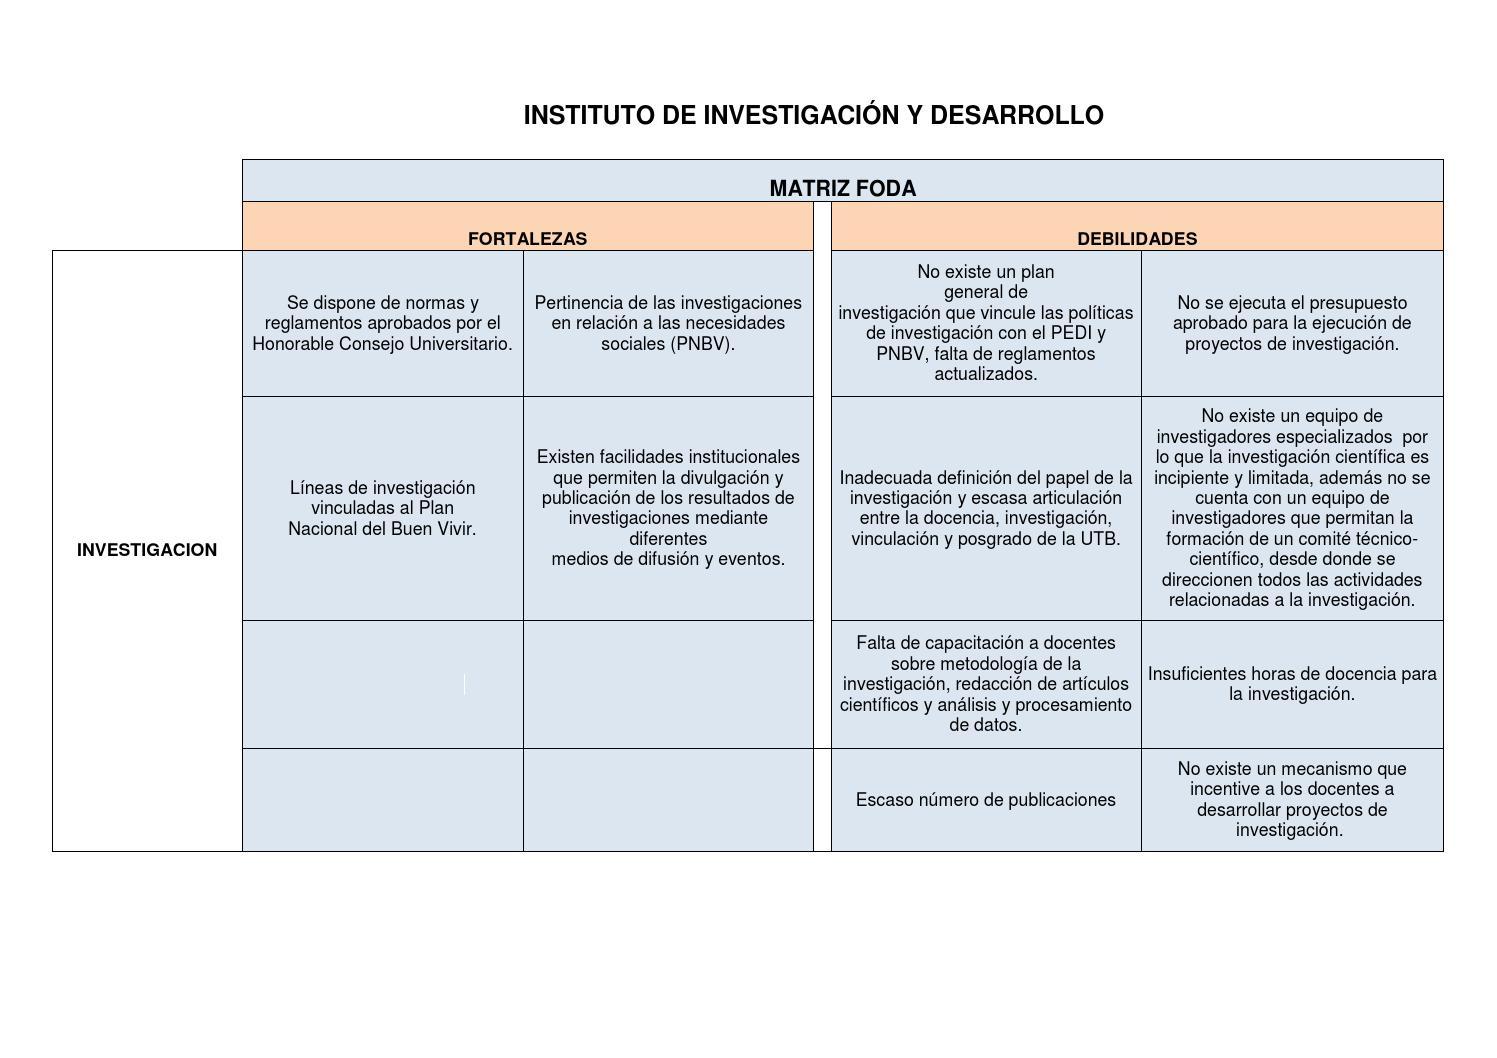 Matriz foda inst de inv y desarrollo by ceron silva for Proyecto comedor comunitario pdf